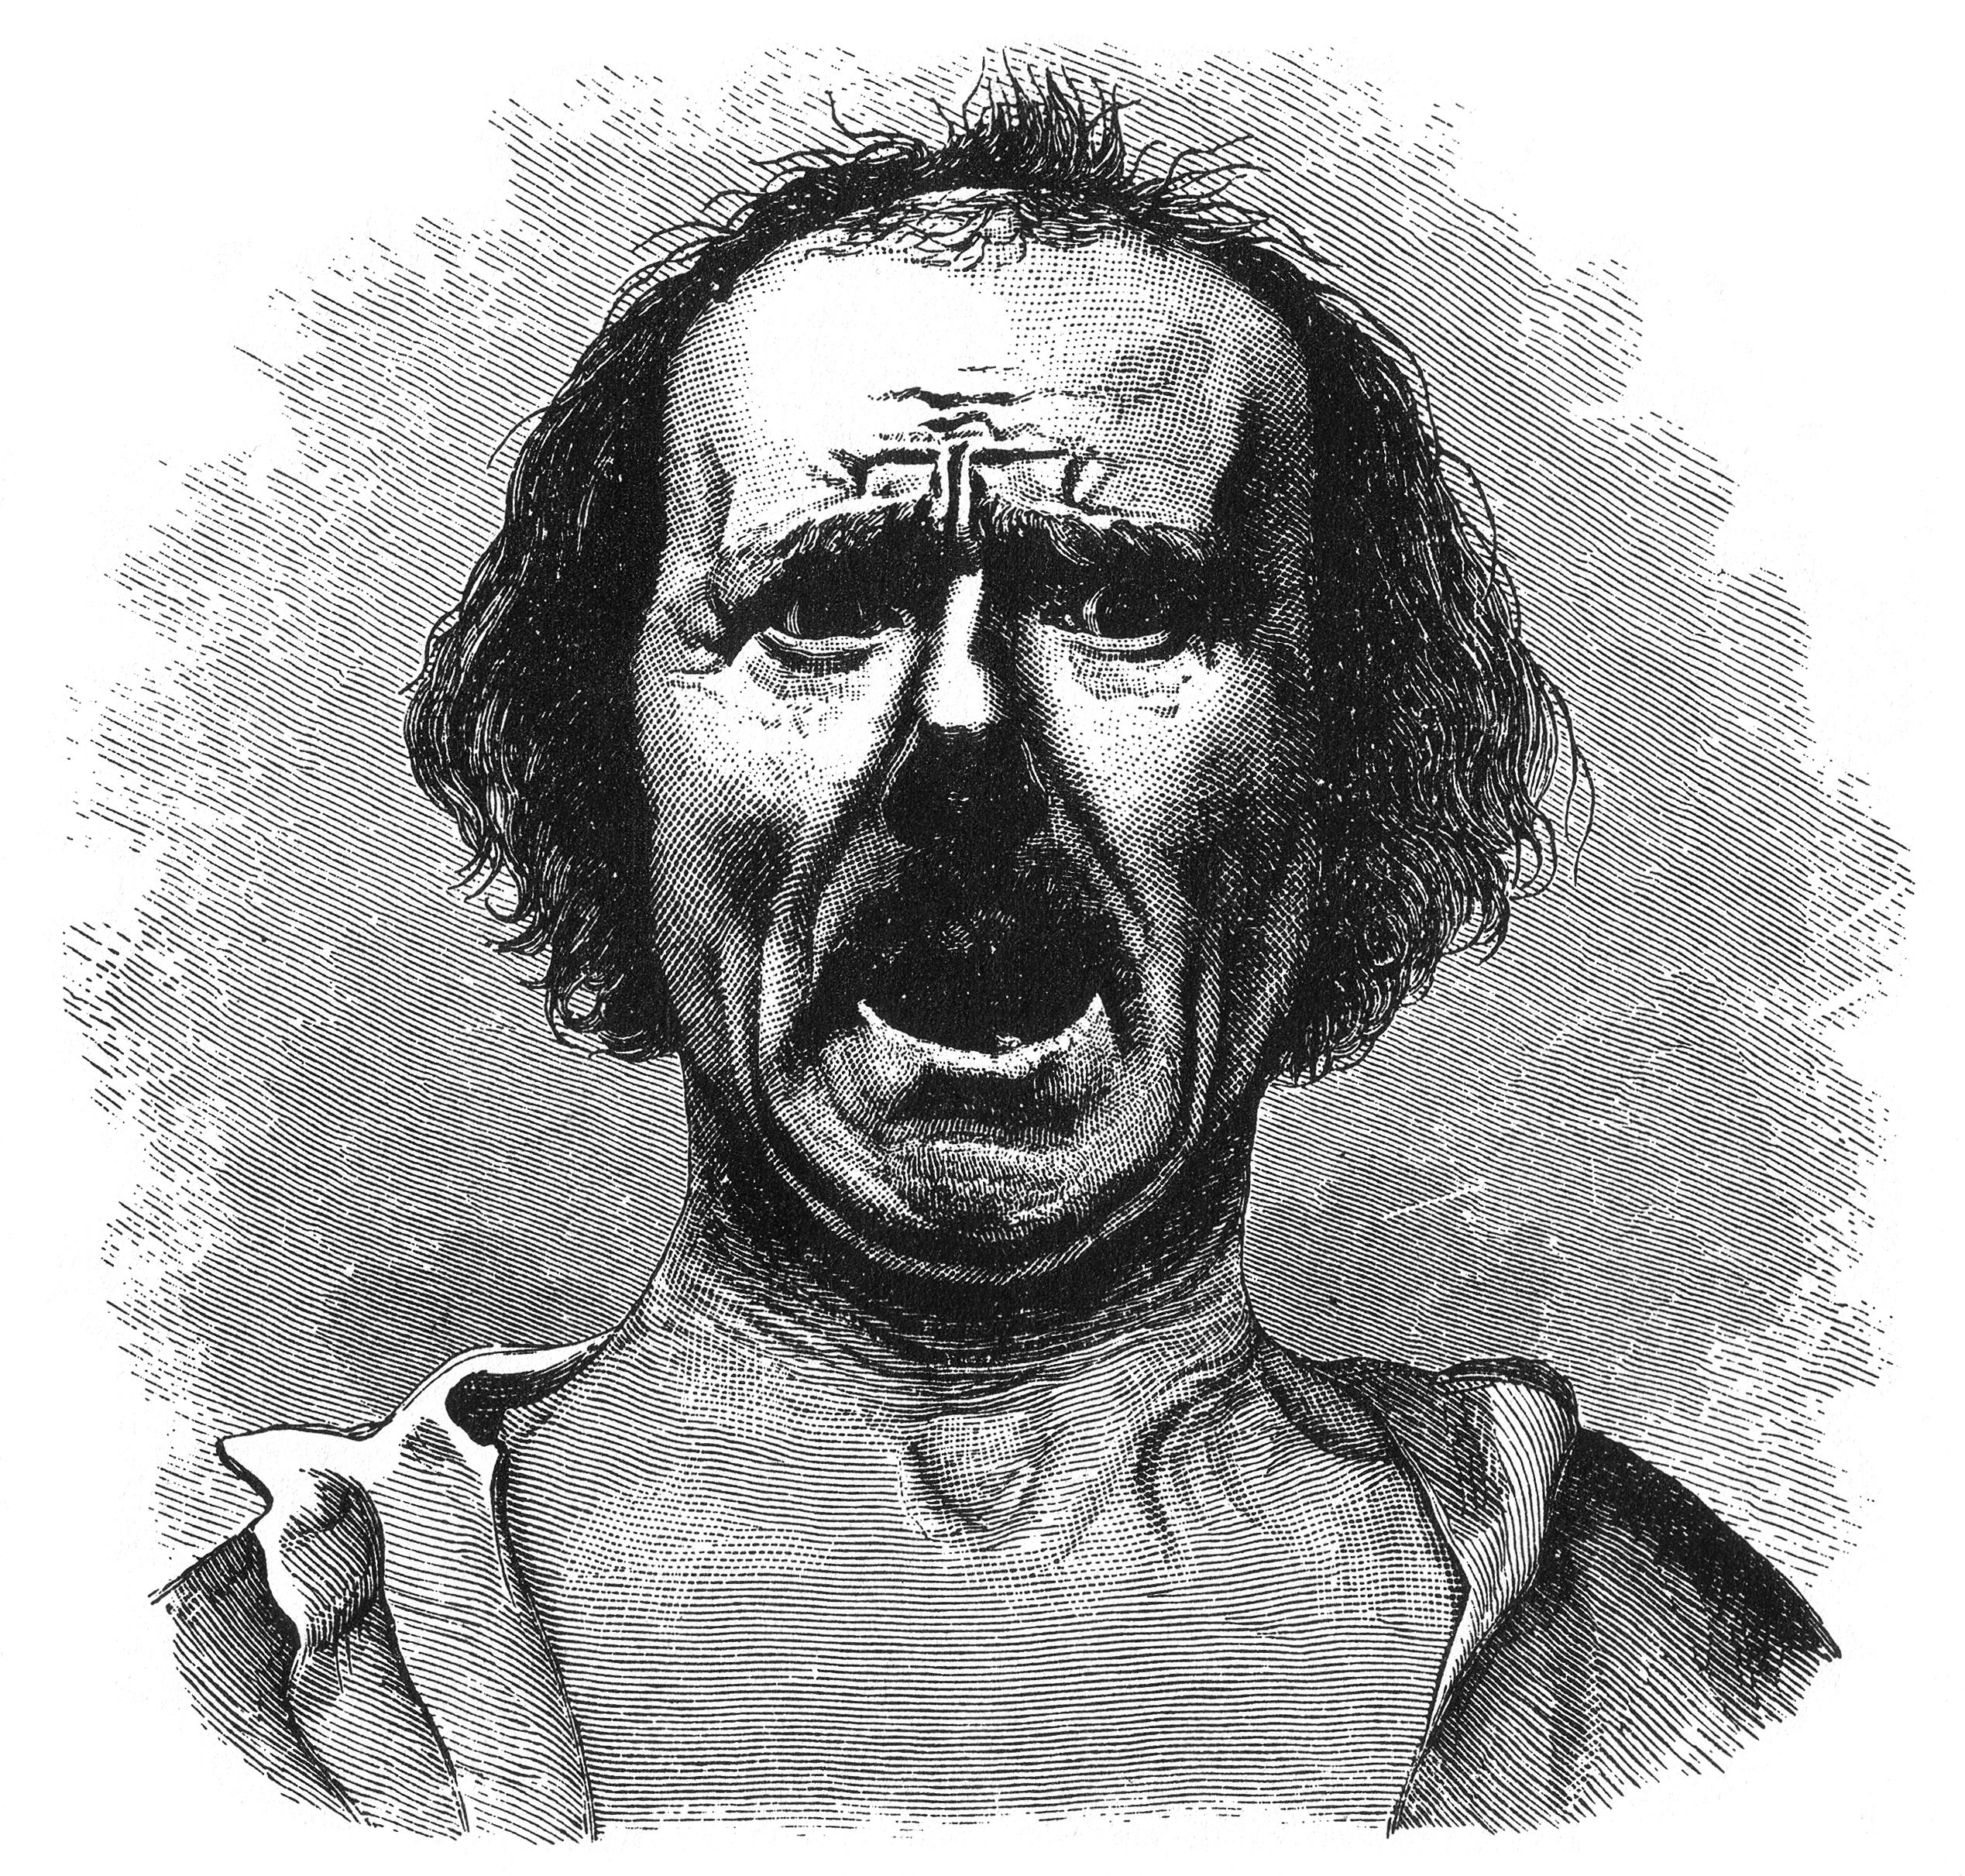 ¿La cara de enfado es la misma para una persona de origen oriental que una de origen occidental? Según una de las hipótesis más aceptadas en biología y ciencias sociales, debería serlo. No obstante, parece que la manifestación y la intensidad de las seis emociones básicas (alegría, sorpresa…